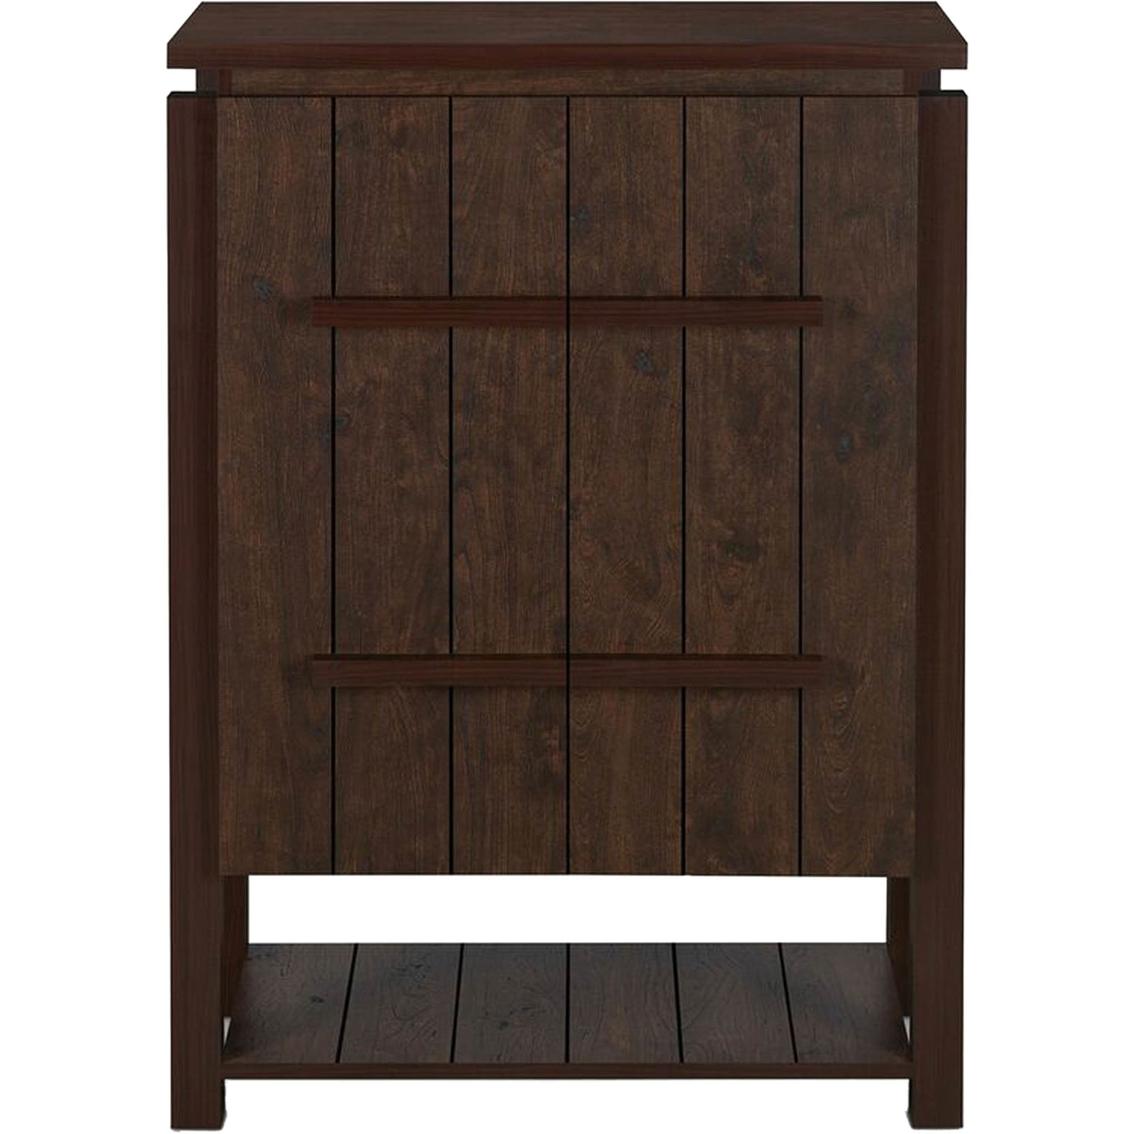 Furniture Of America Adriel Rustic Look 5 Shelf Shoe Storage